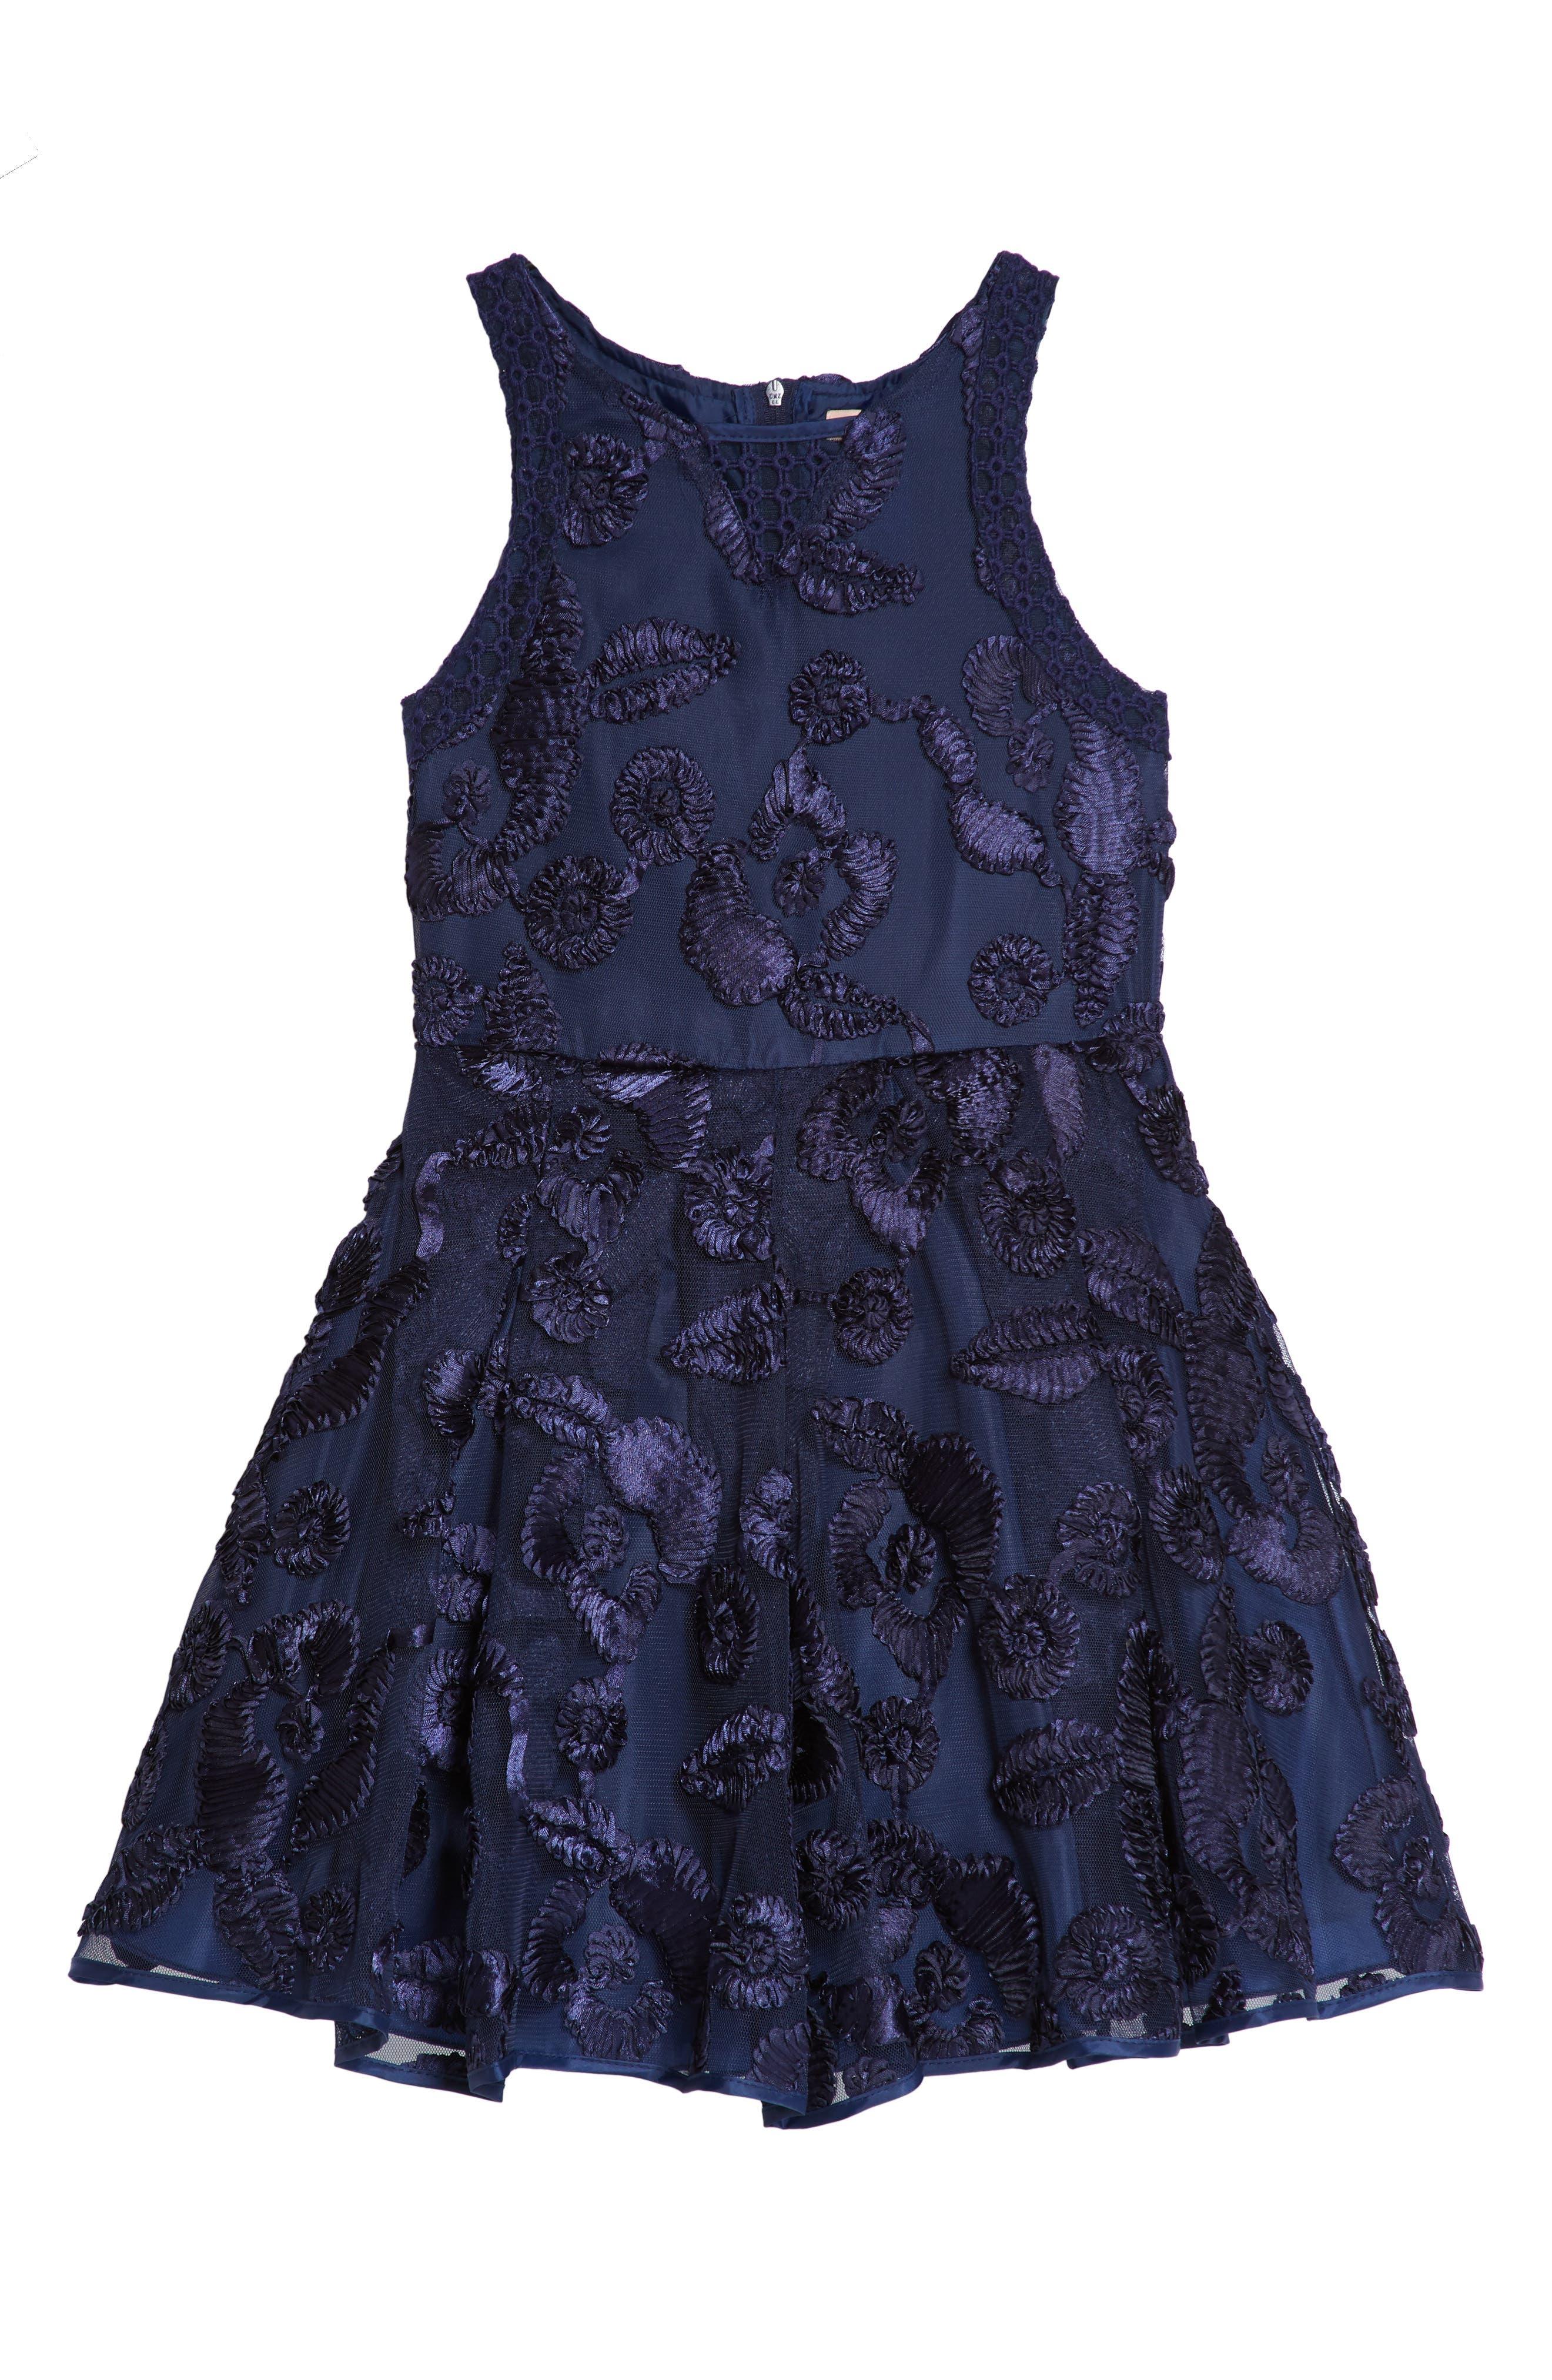 Floral Soutache Tulle Dress,                             Main thumbnail 1, color,                             Navy